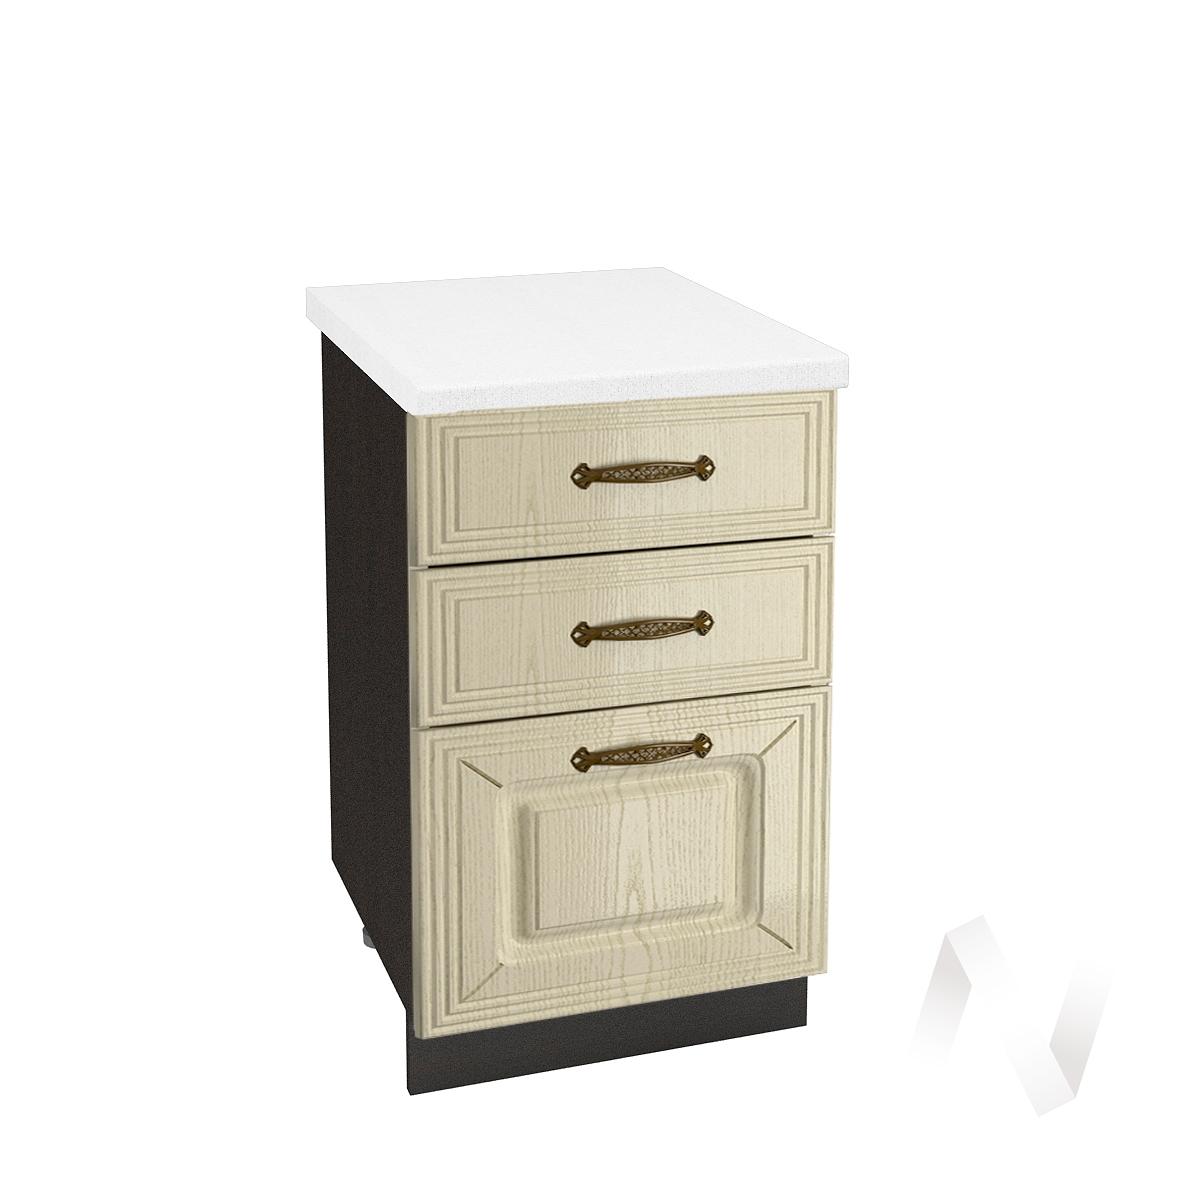 """Кухня """"Изабель"""": Шкаф нижний с 3-мя ящиками 500, ШН3Я 500 (корпус венге)"""